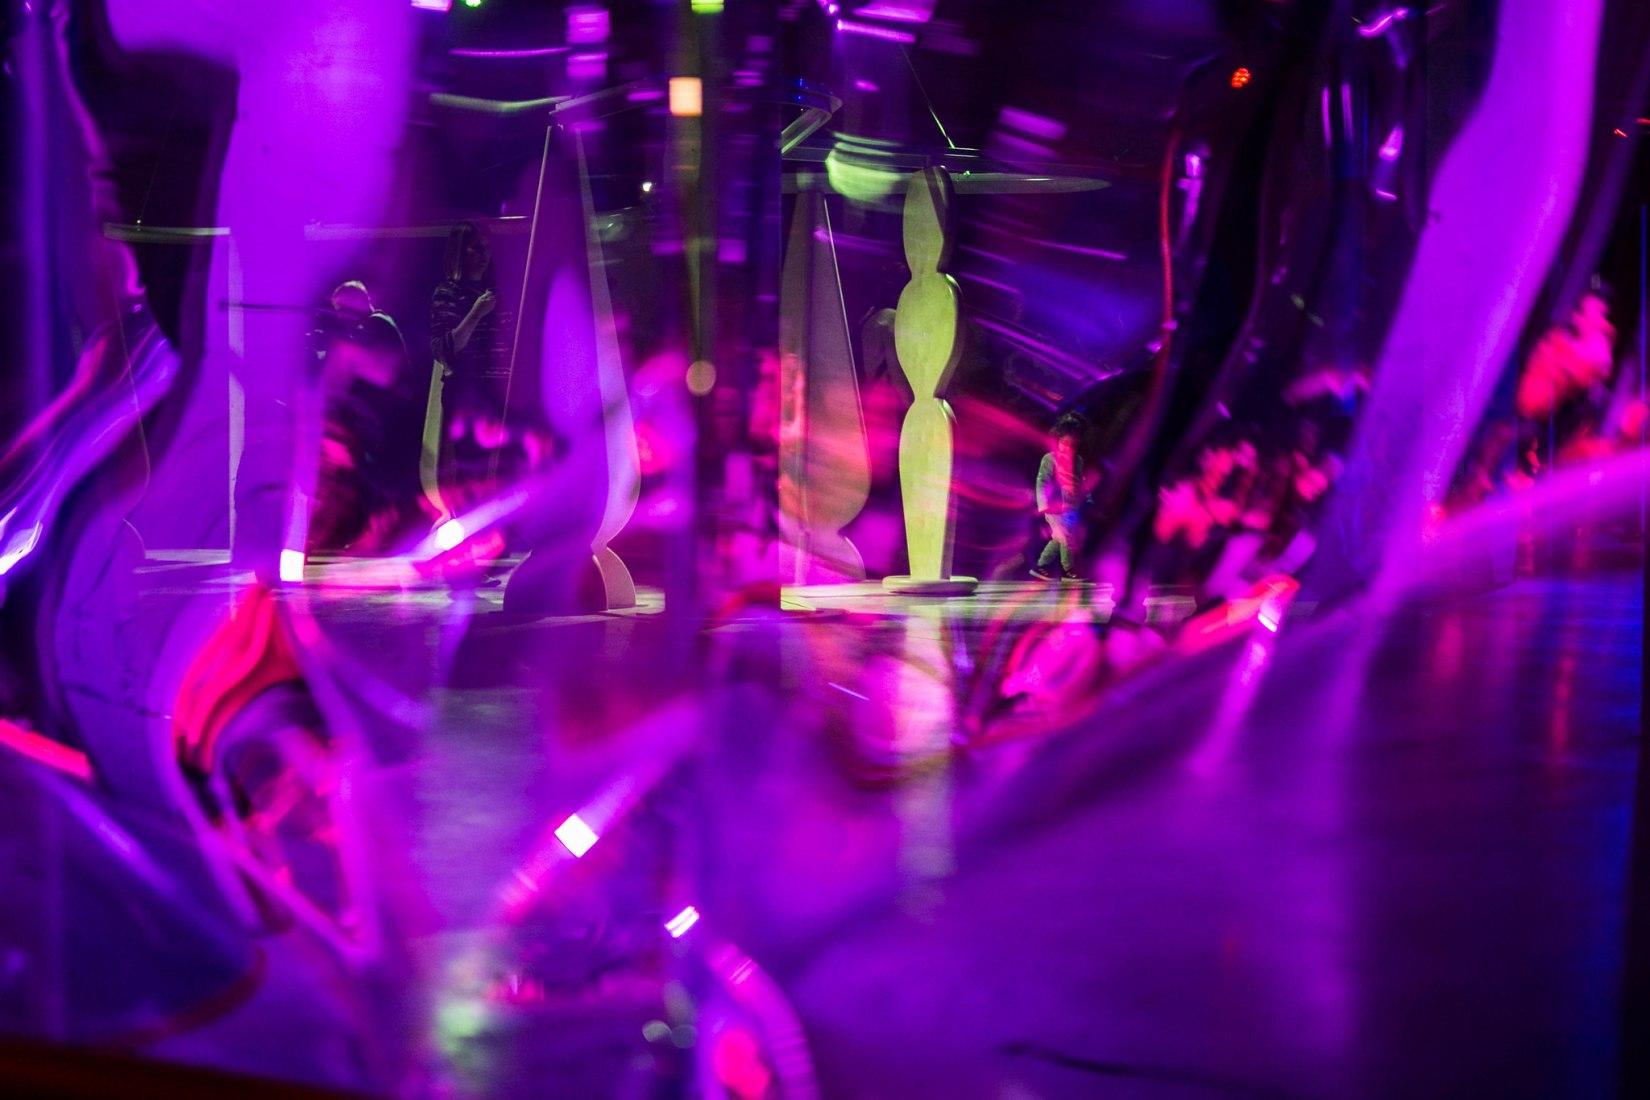 Teatro Sin Fin en Matadero, por Leonor Serrano Rivas. Imagen cortesía de Matadero Madrid